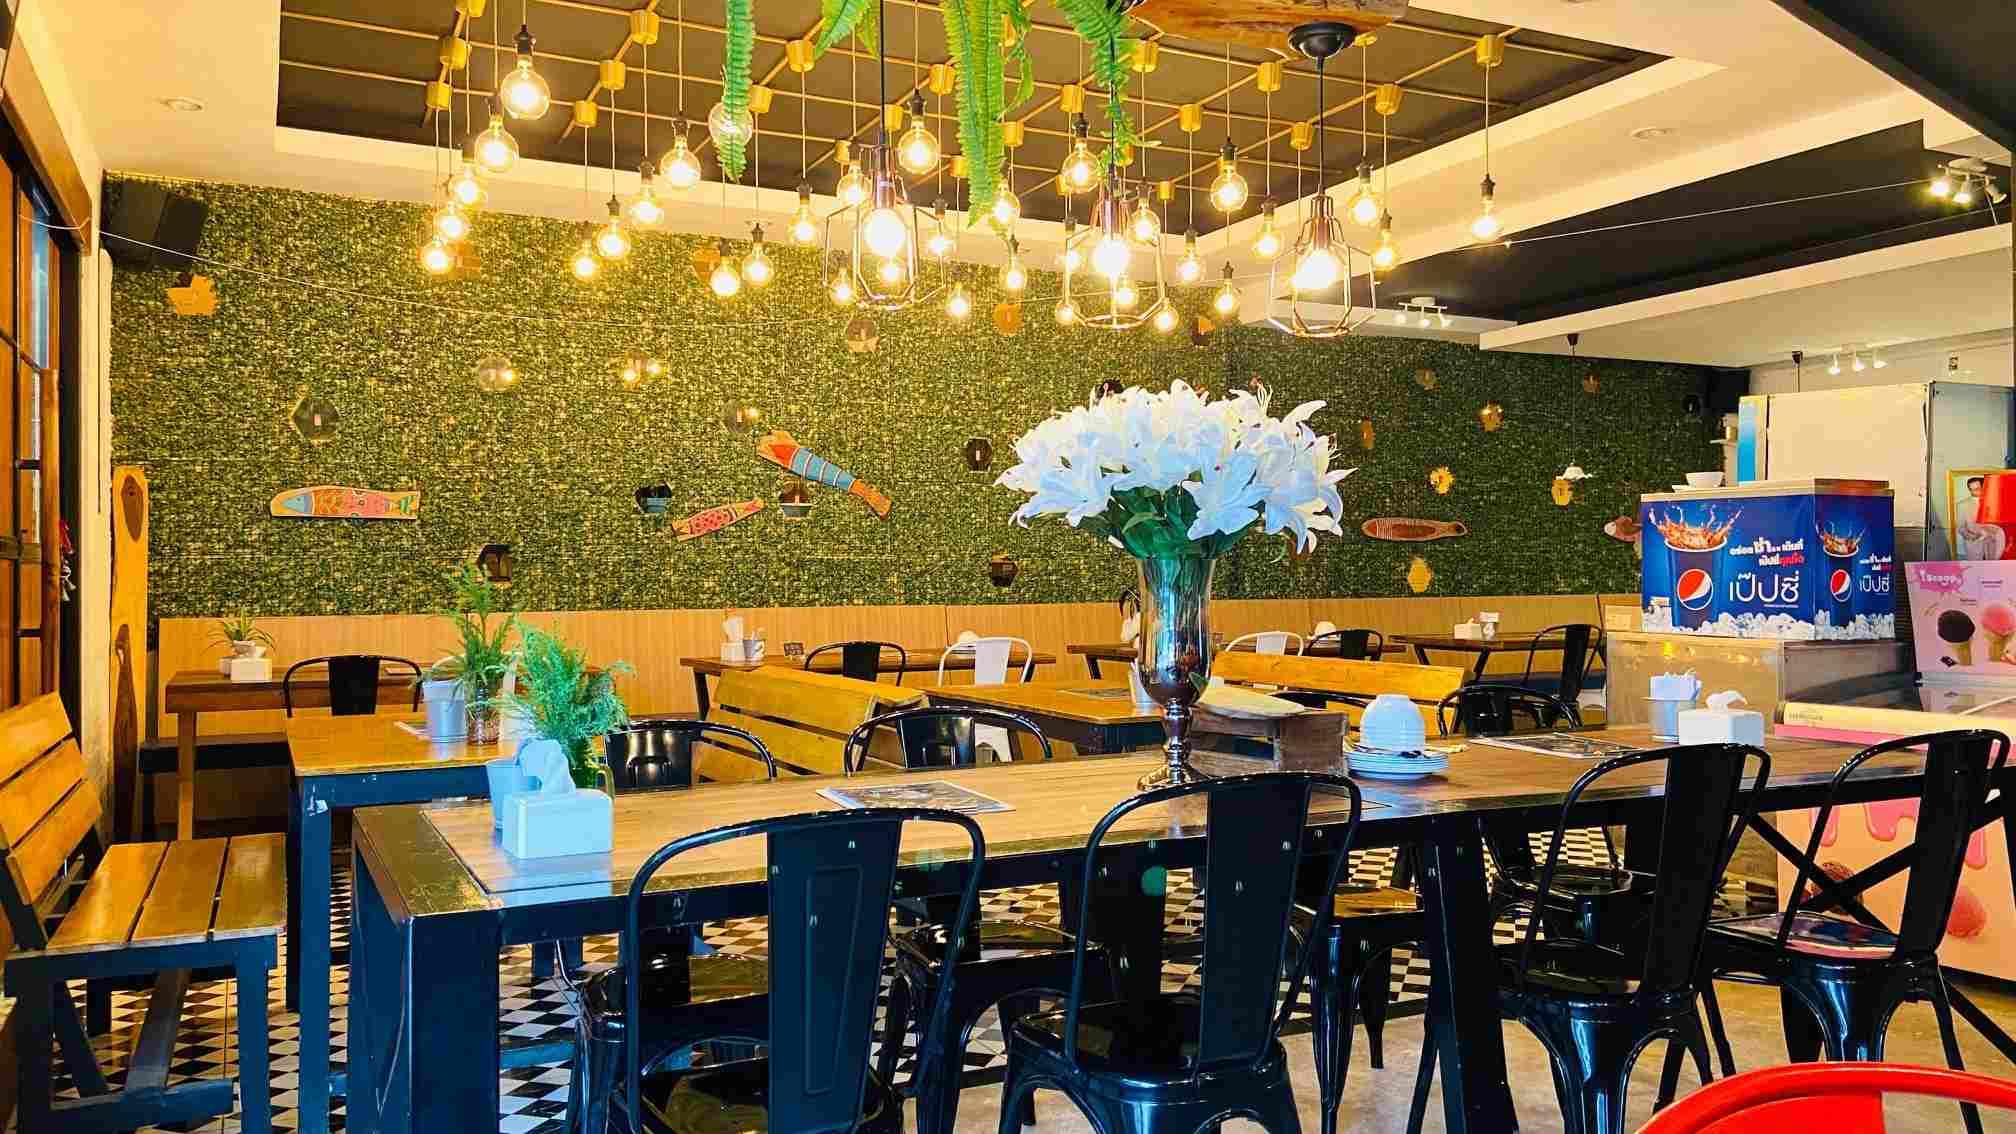 เซ้งด่วน‼️ ร้านอาหาร ทำร้านเหล้าได้ ย่านรามคำแหง พระราม9 @บางกะปิ กทม